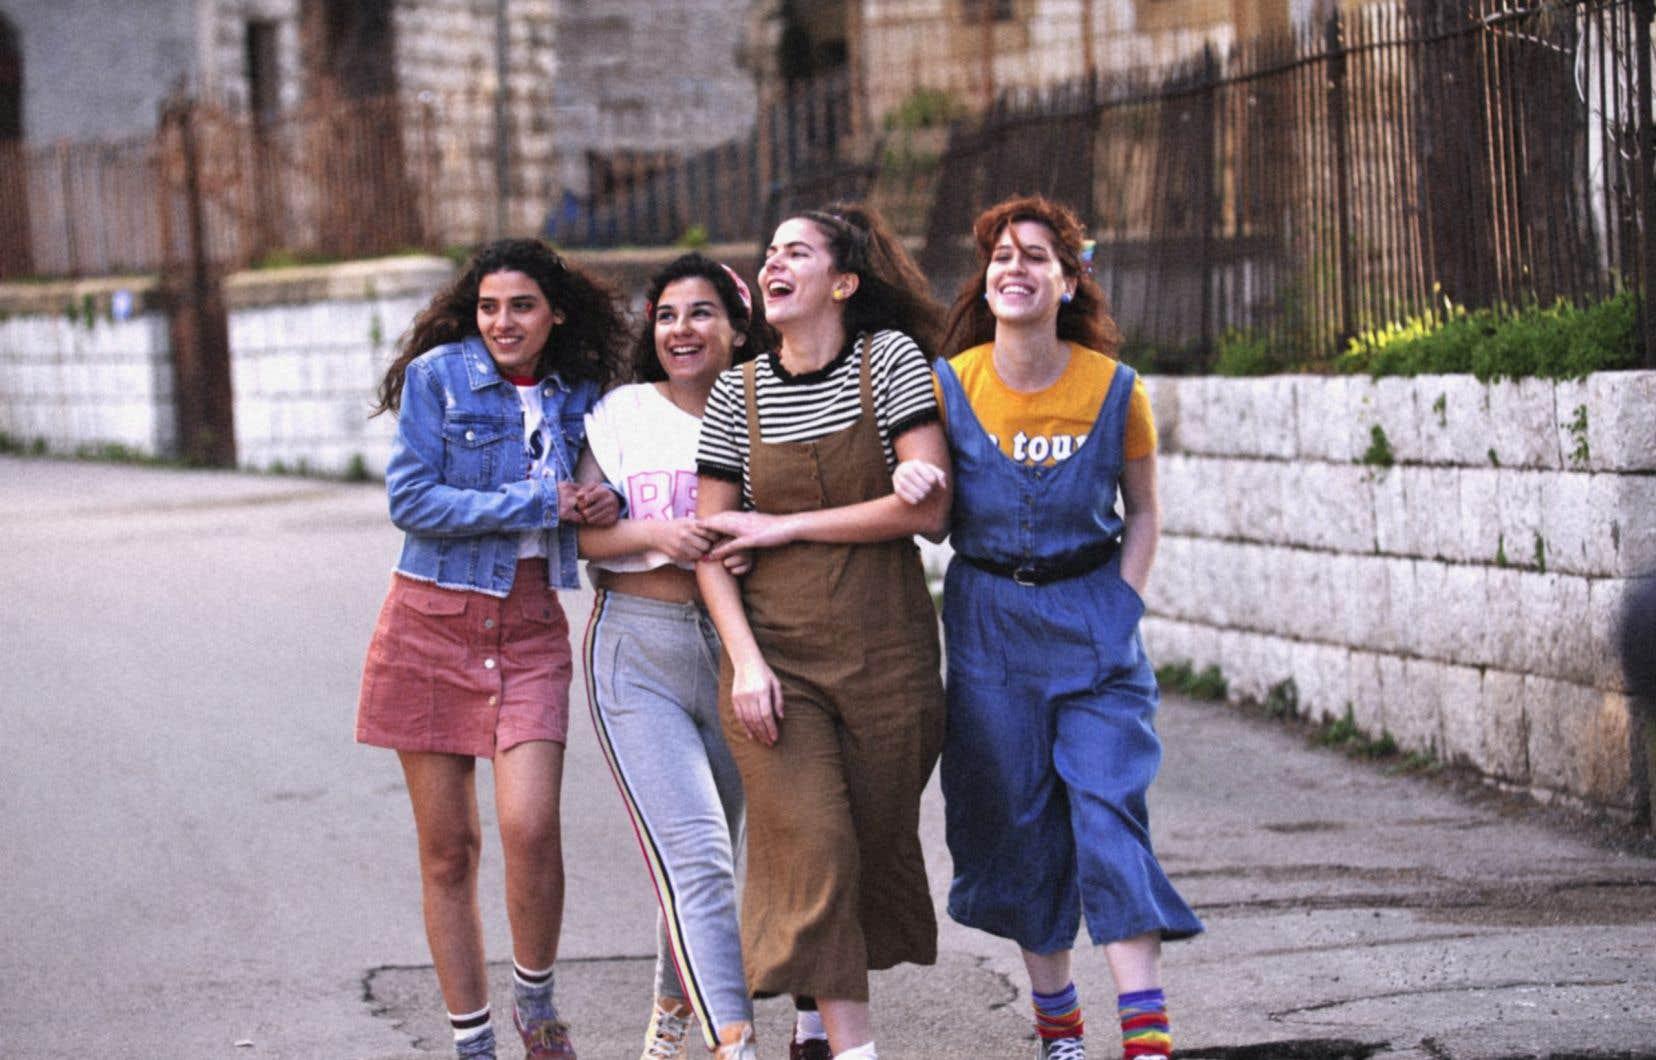 «Memory Box» est un récit vivifiant d'une adolescence sous les bombes de la guerre civile libanaise qui offre de surcroît une belle leçon de résilience alors que cette Berlinale est entièrement virtuelle pour cause de pandémie.